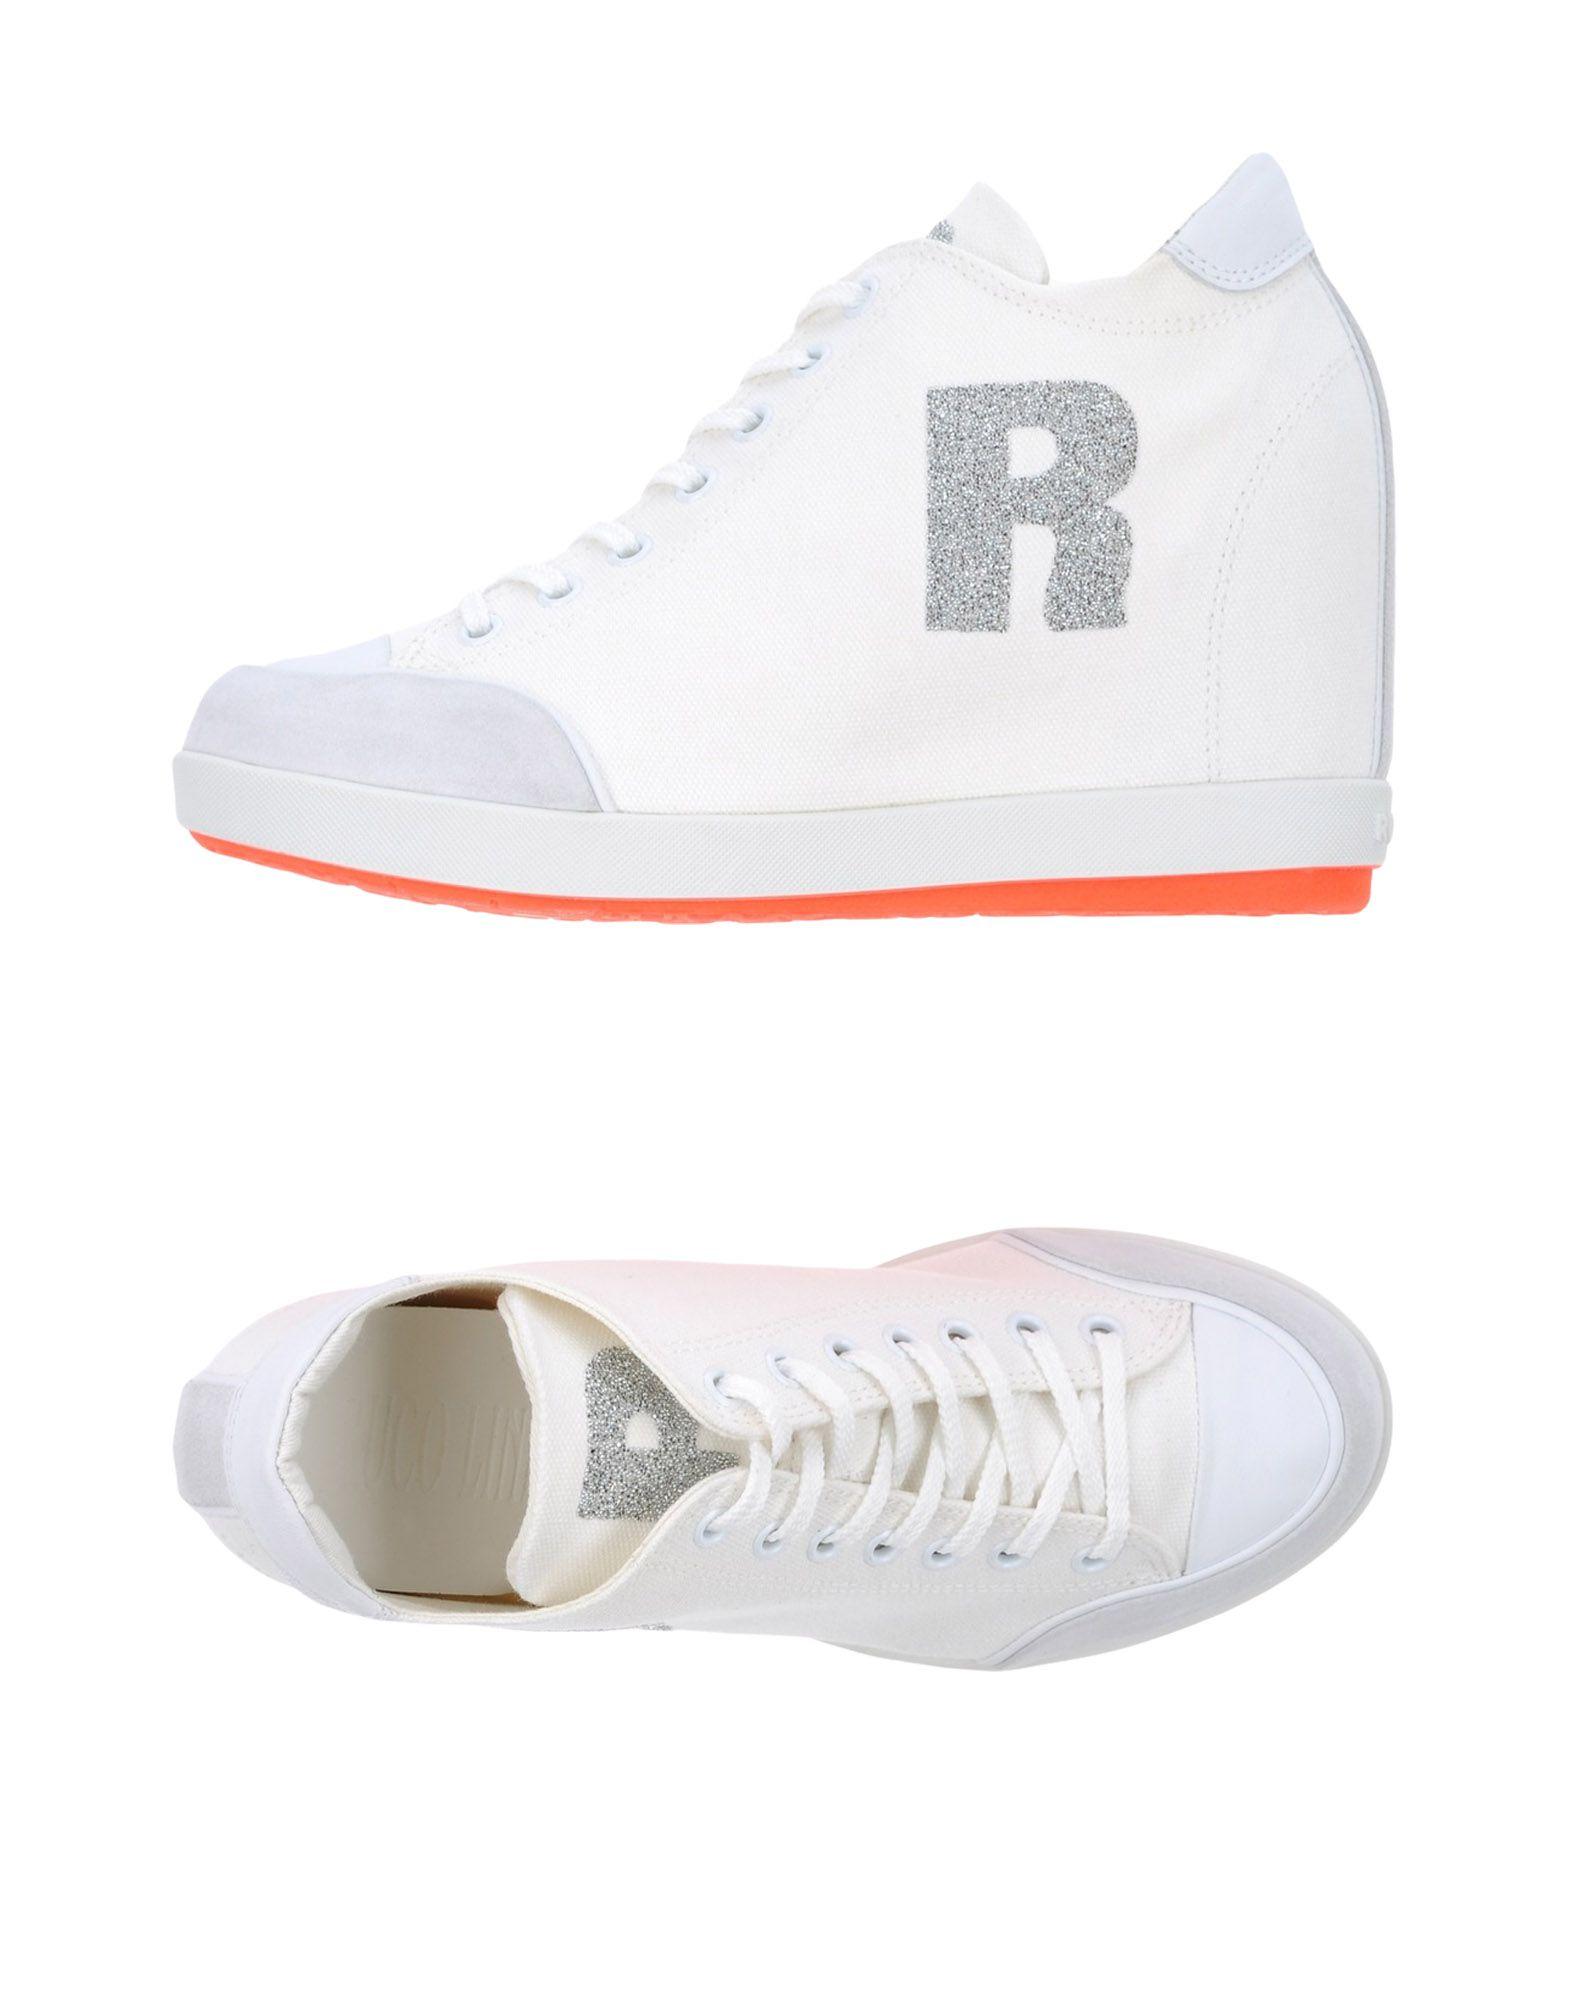 Zapatillas Ruco Line Mujer - Zapatillas Ruco Line Blanco  Blanco Line fd361f